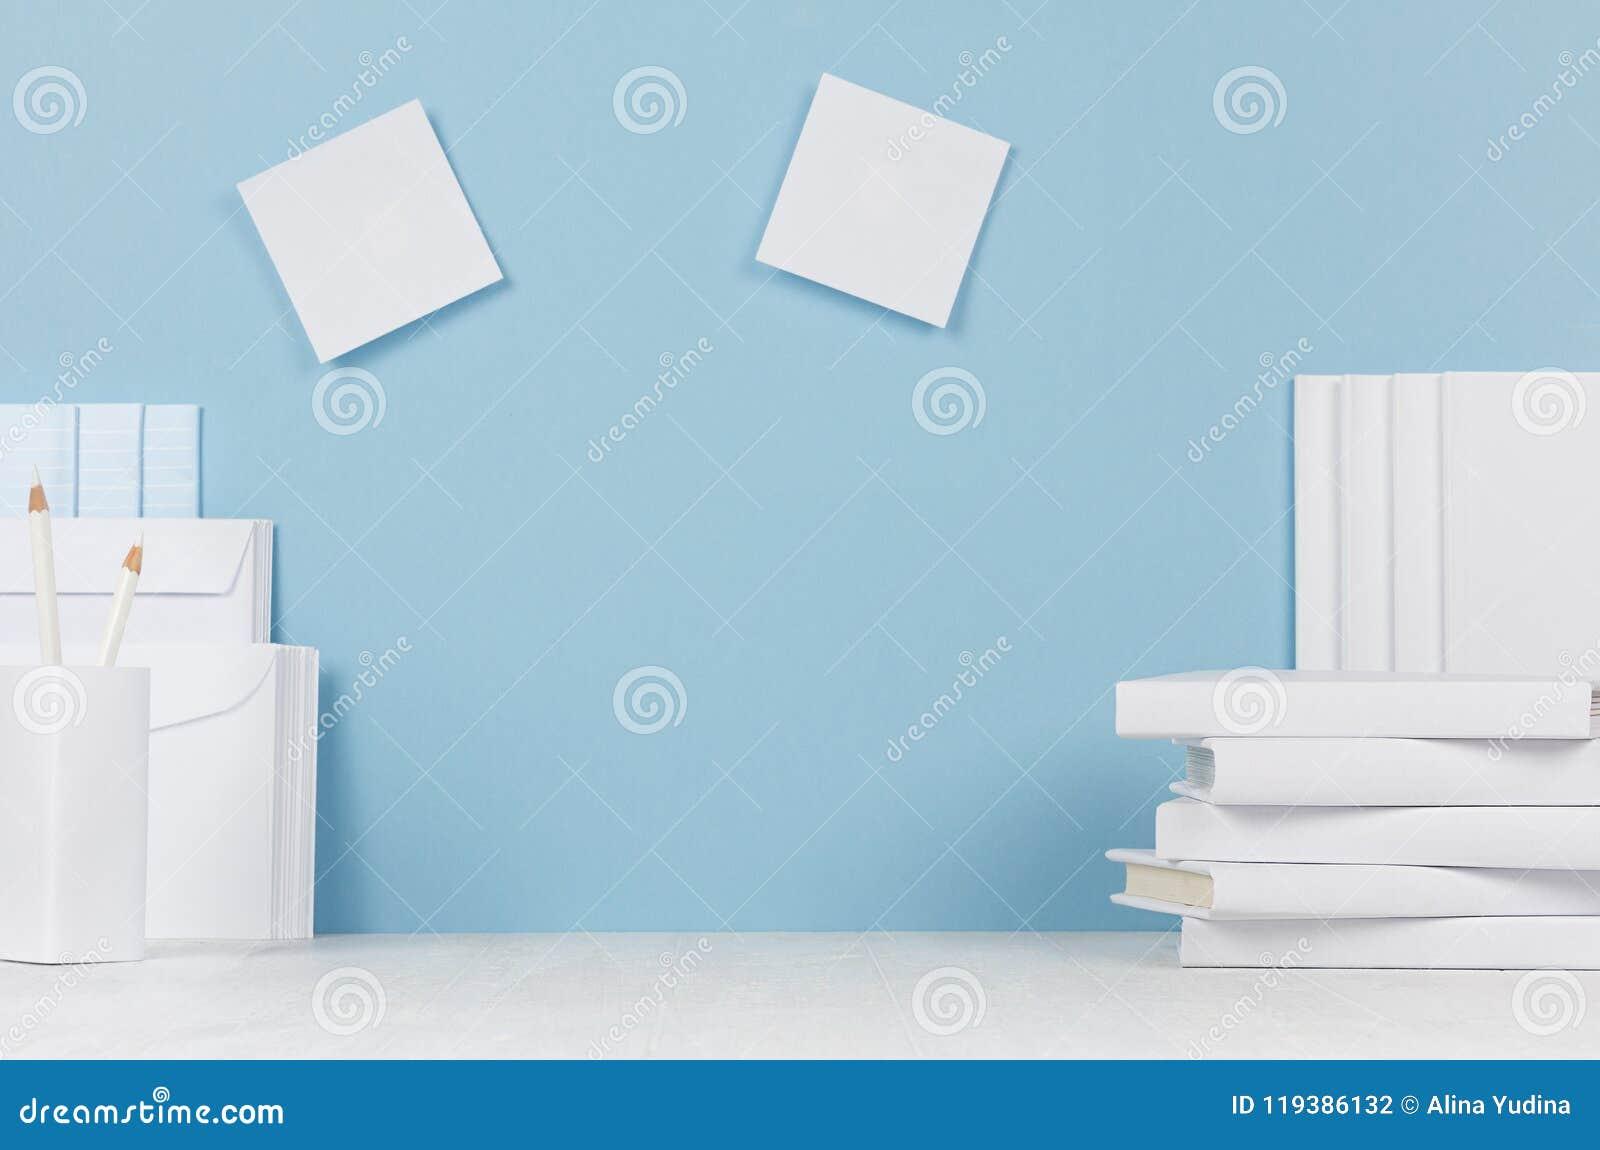 Schoolmalplaatje - witte boeken, kantoorbehoeften, lege stickers op wit bureau en zachte blauwe achtergrond